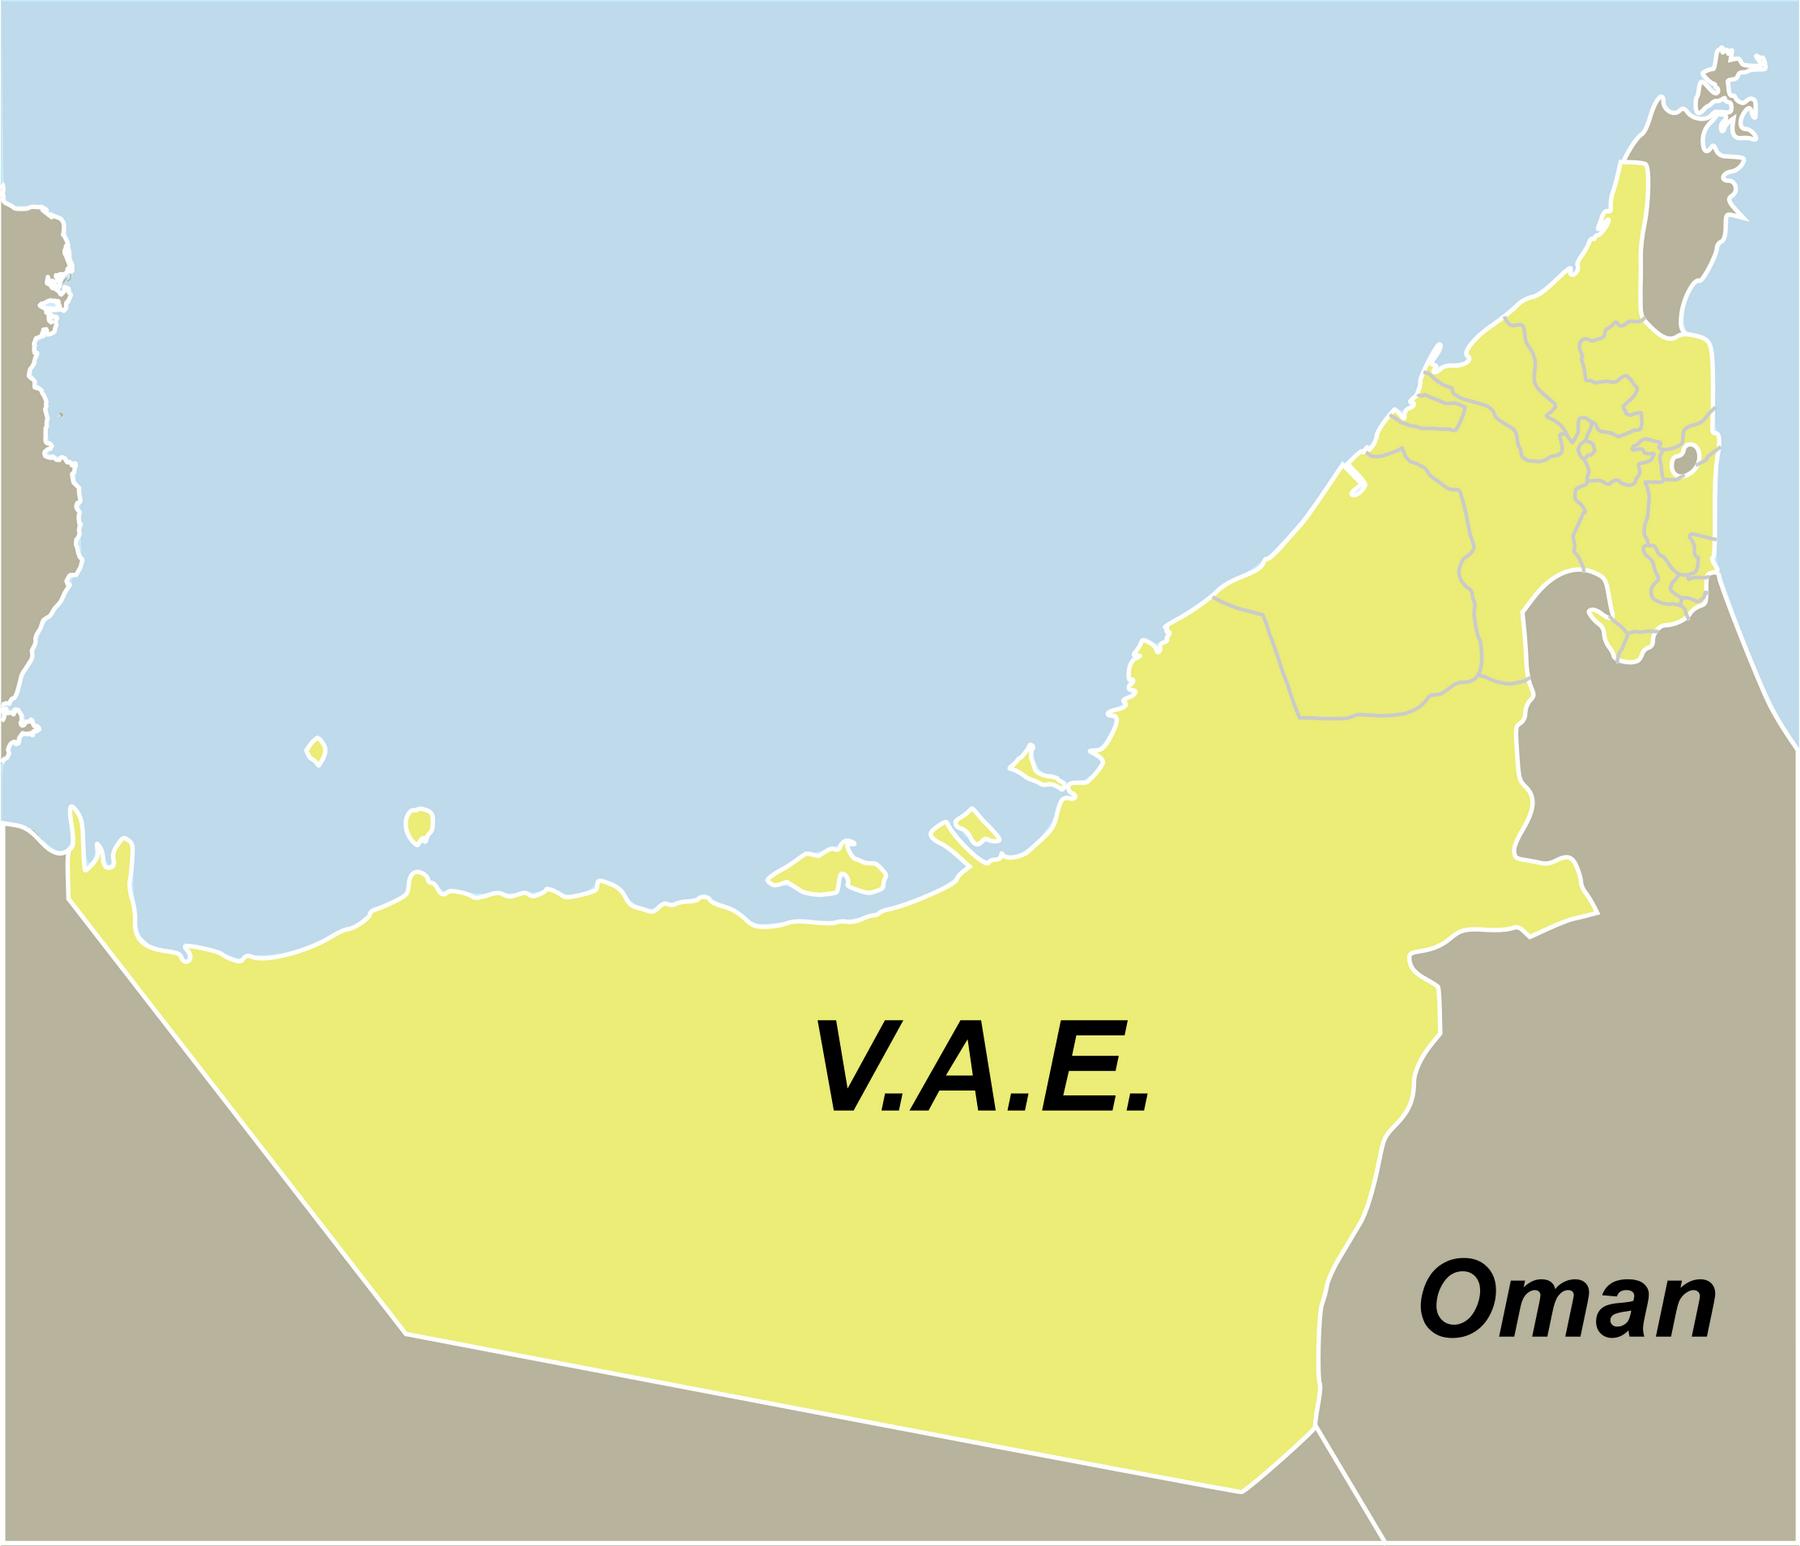 Emirate Traumurlaub anspruchsvoll mit dem Reiseveranstalter reisefieber planen und reisen.